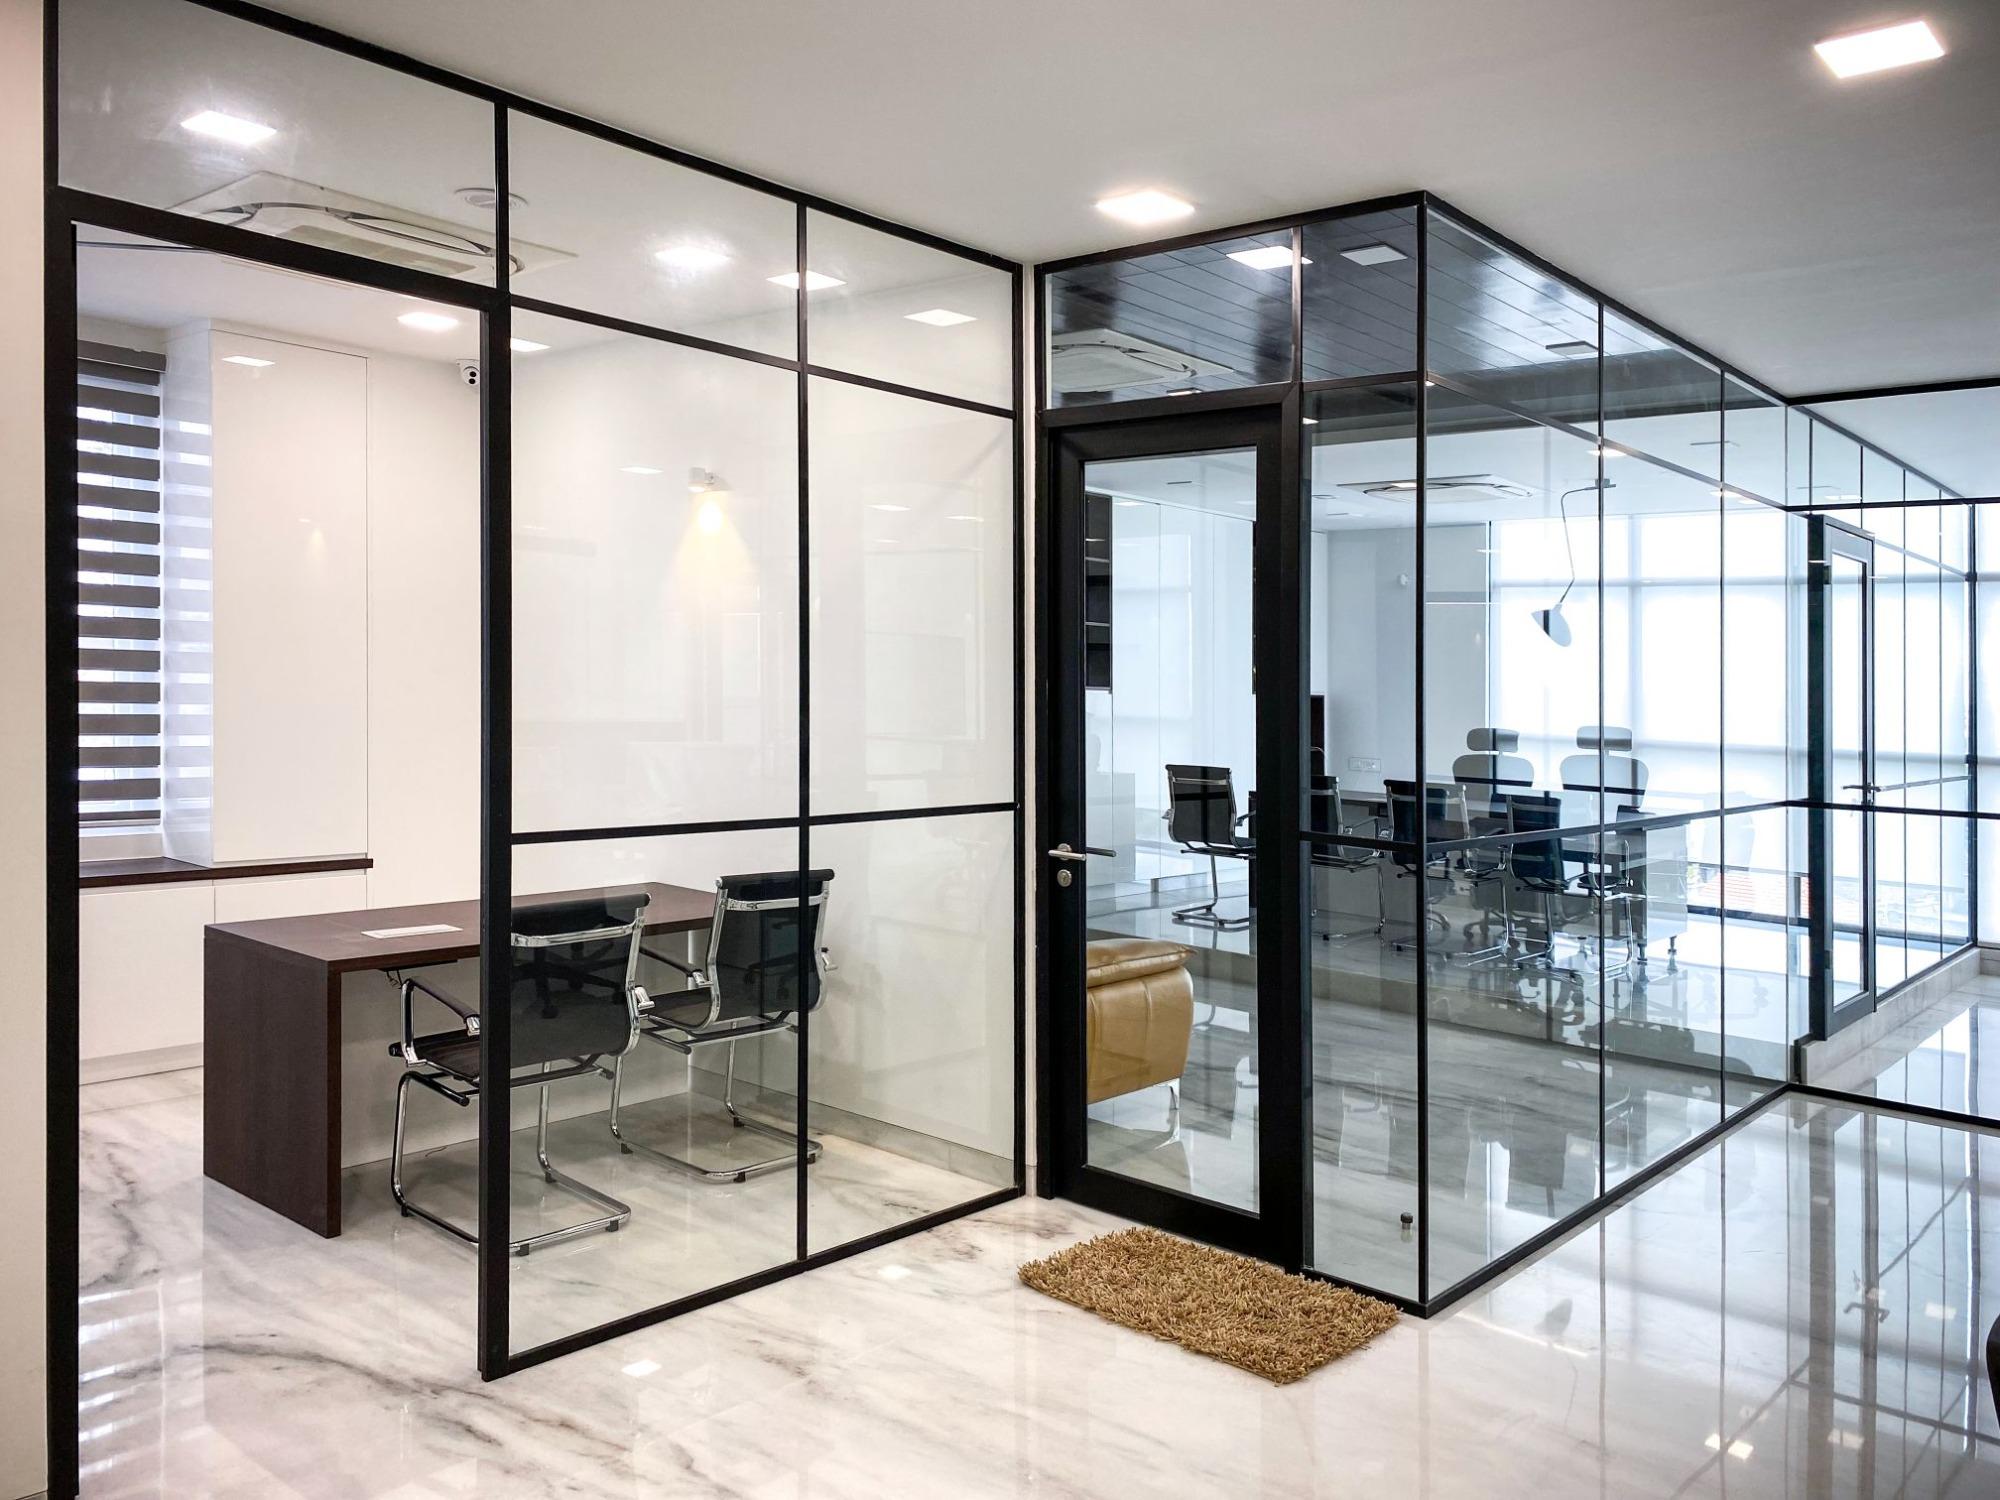 Büros mit Industriedesign im indischen Bengaluru